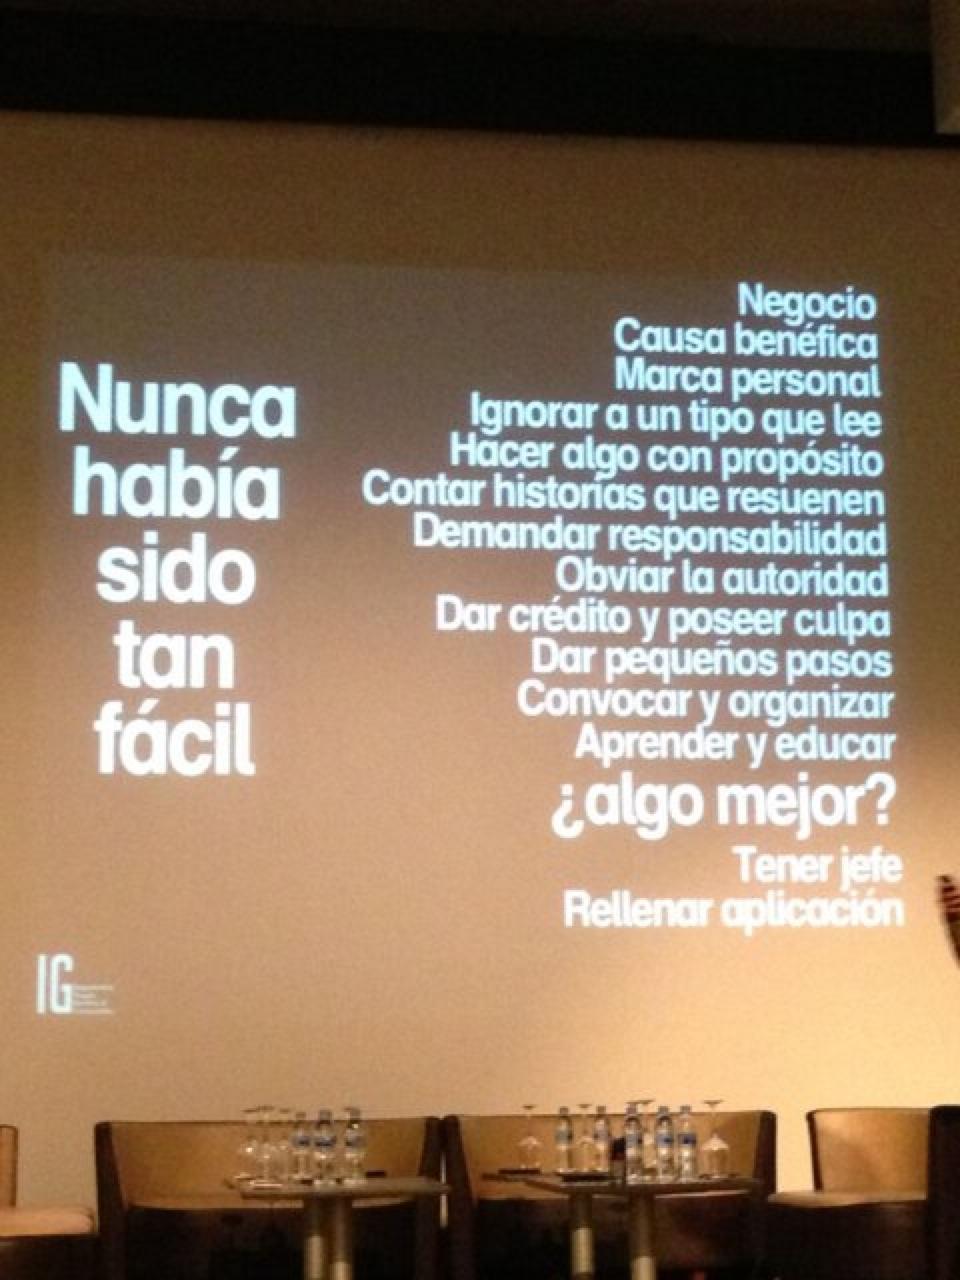 #calpemocion